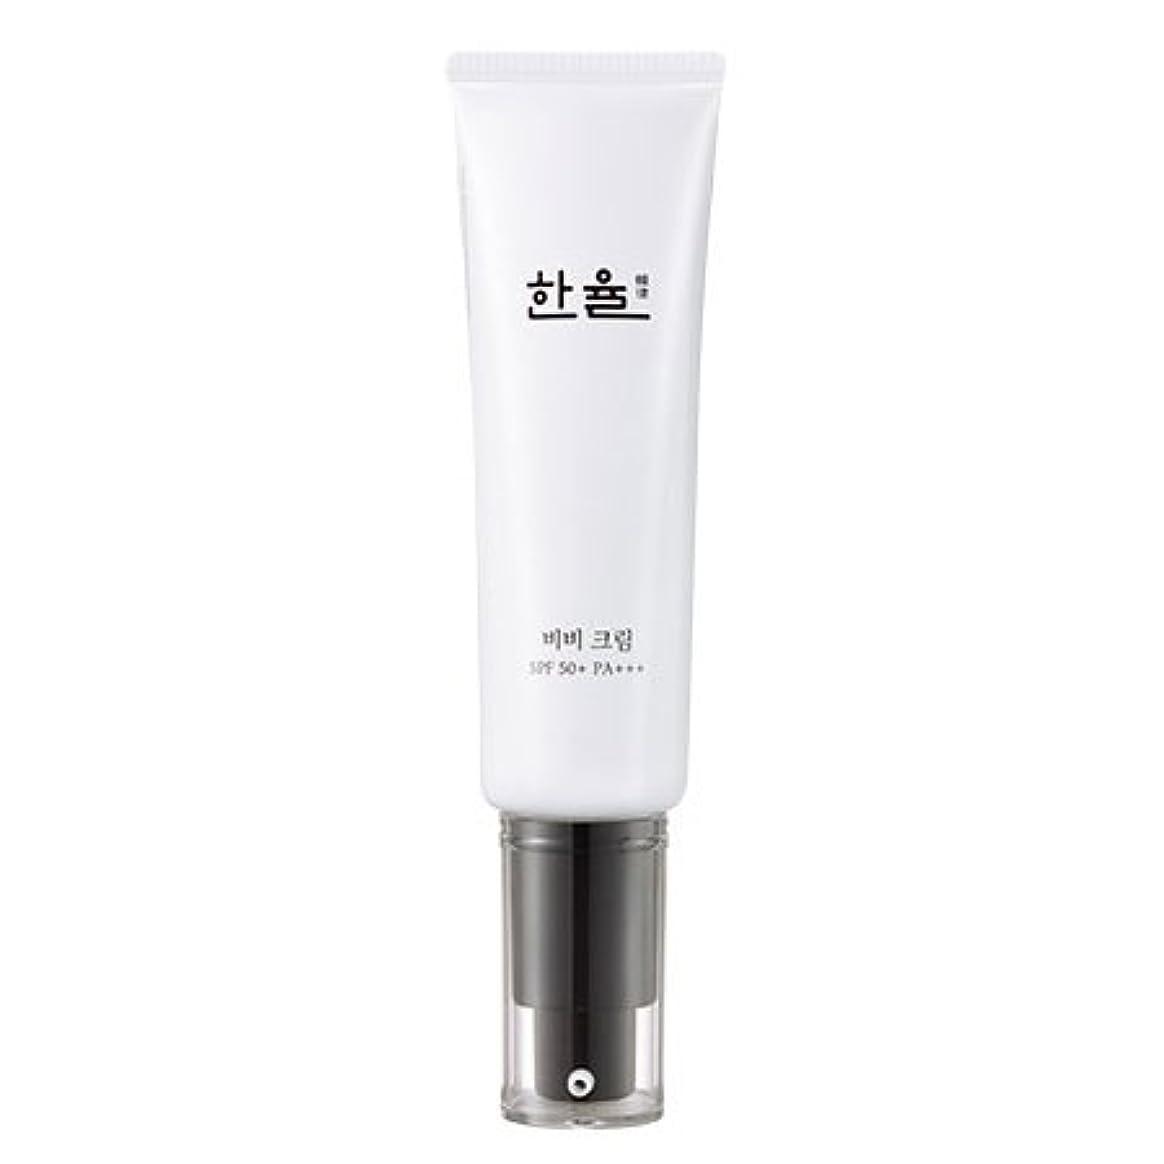 教育するテメリティ努力HANYUL BB Cream 40ml/ハンユル BBクリーム 40ml (#2 Natural Beige) [並行輸入品]